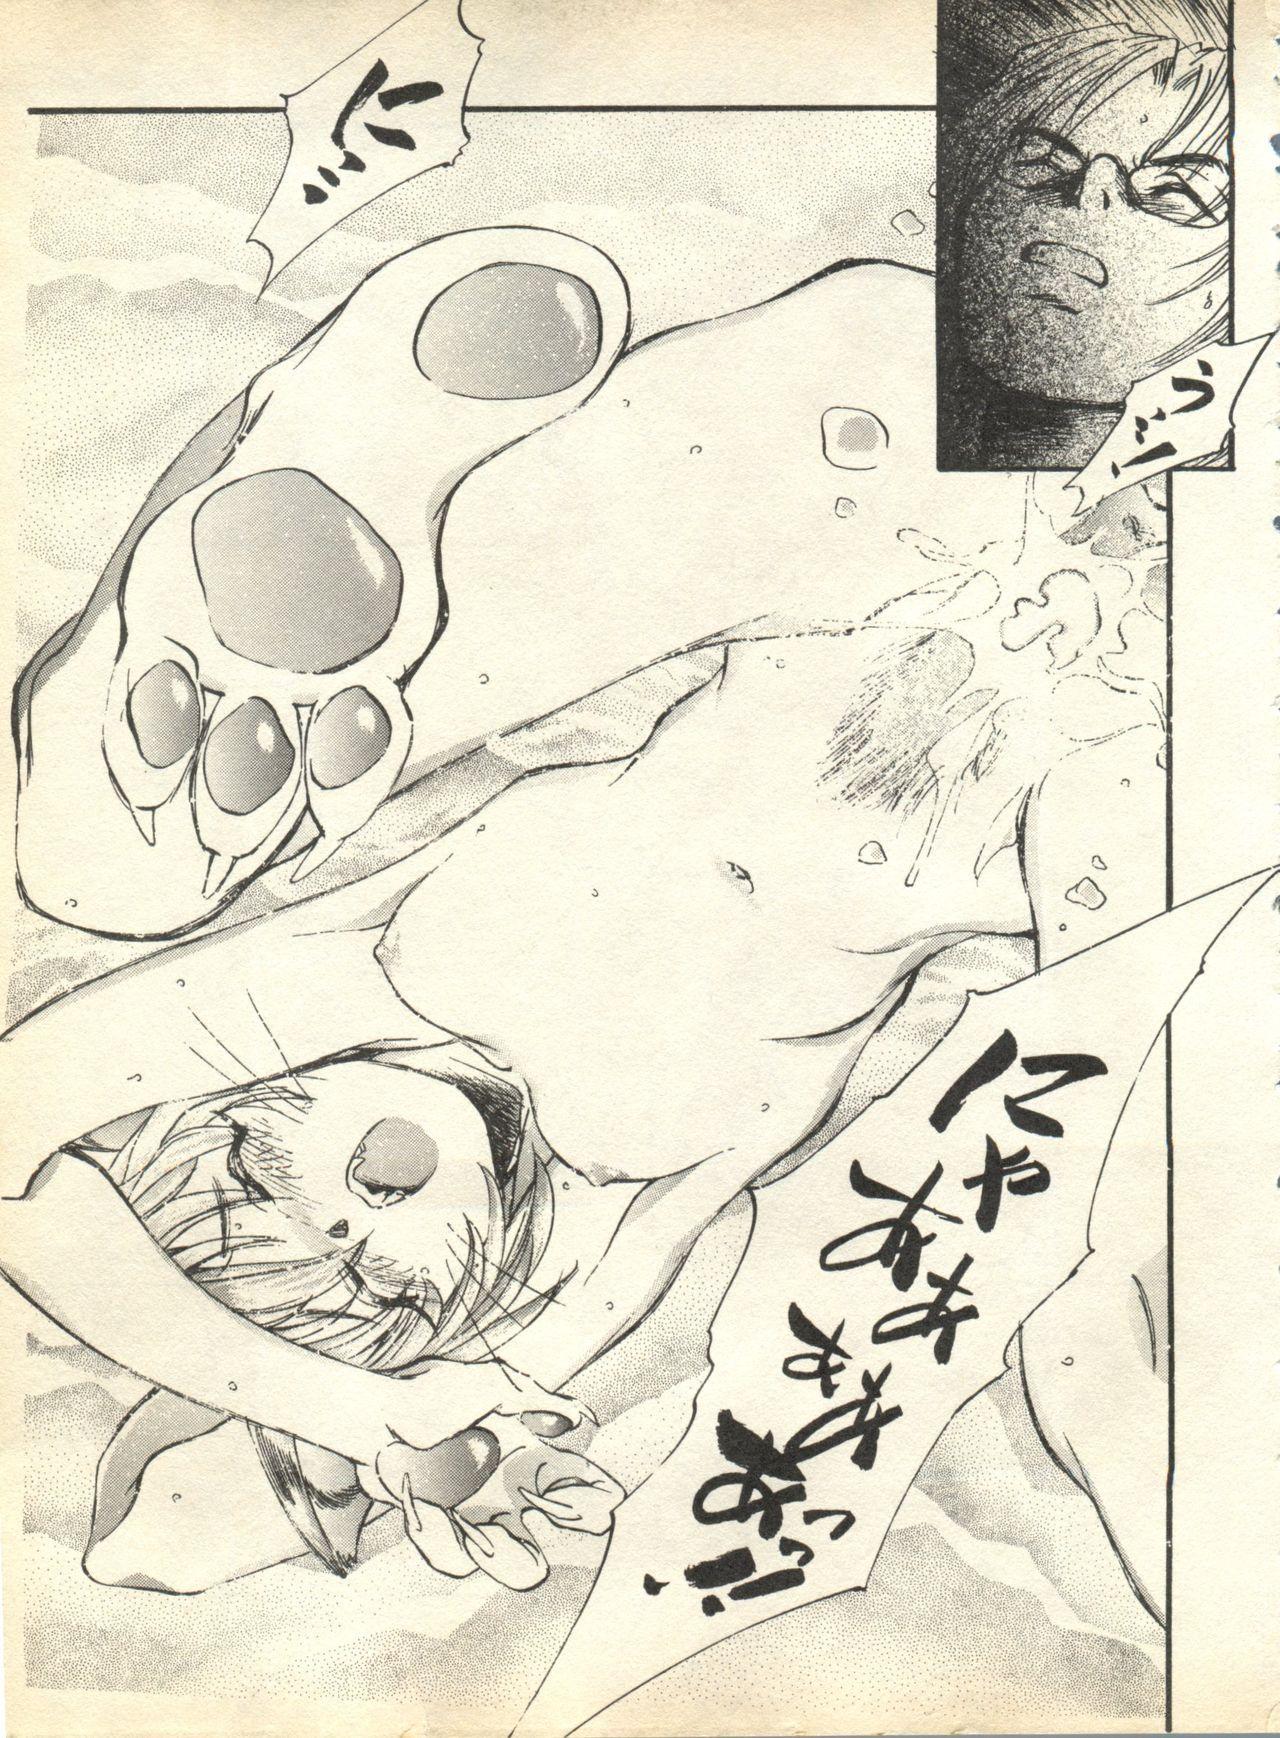 Pai;kuu 1998 October Vol. 13 198